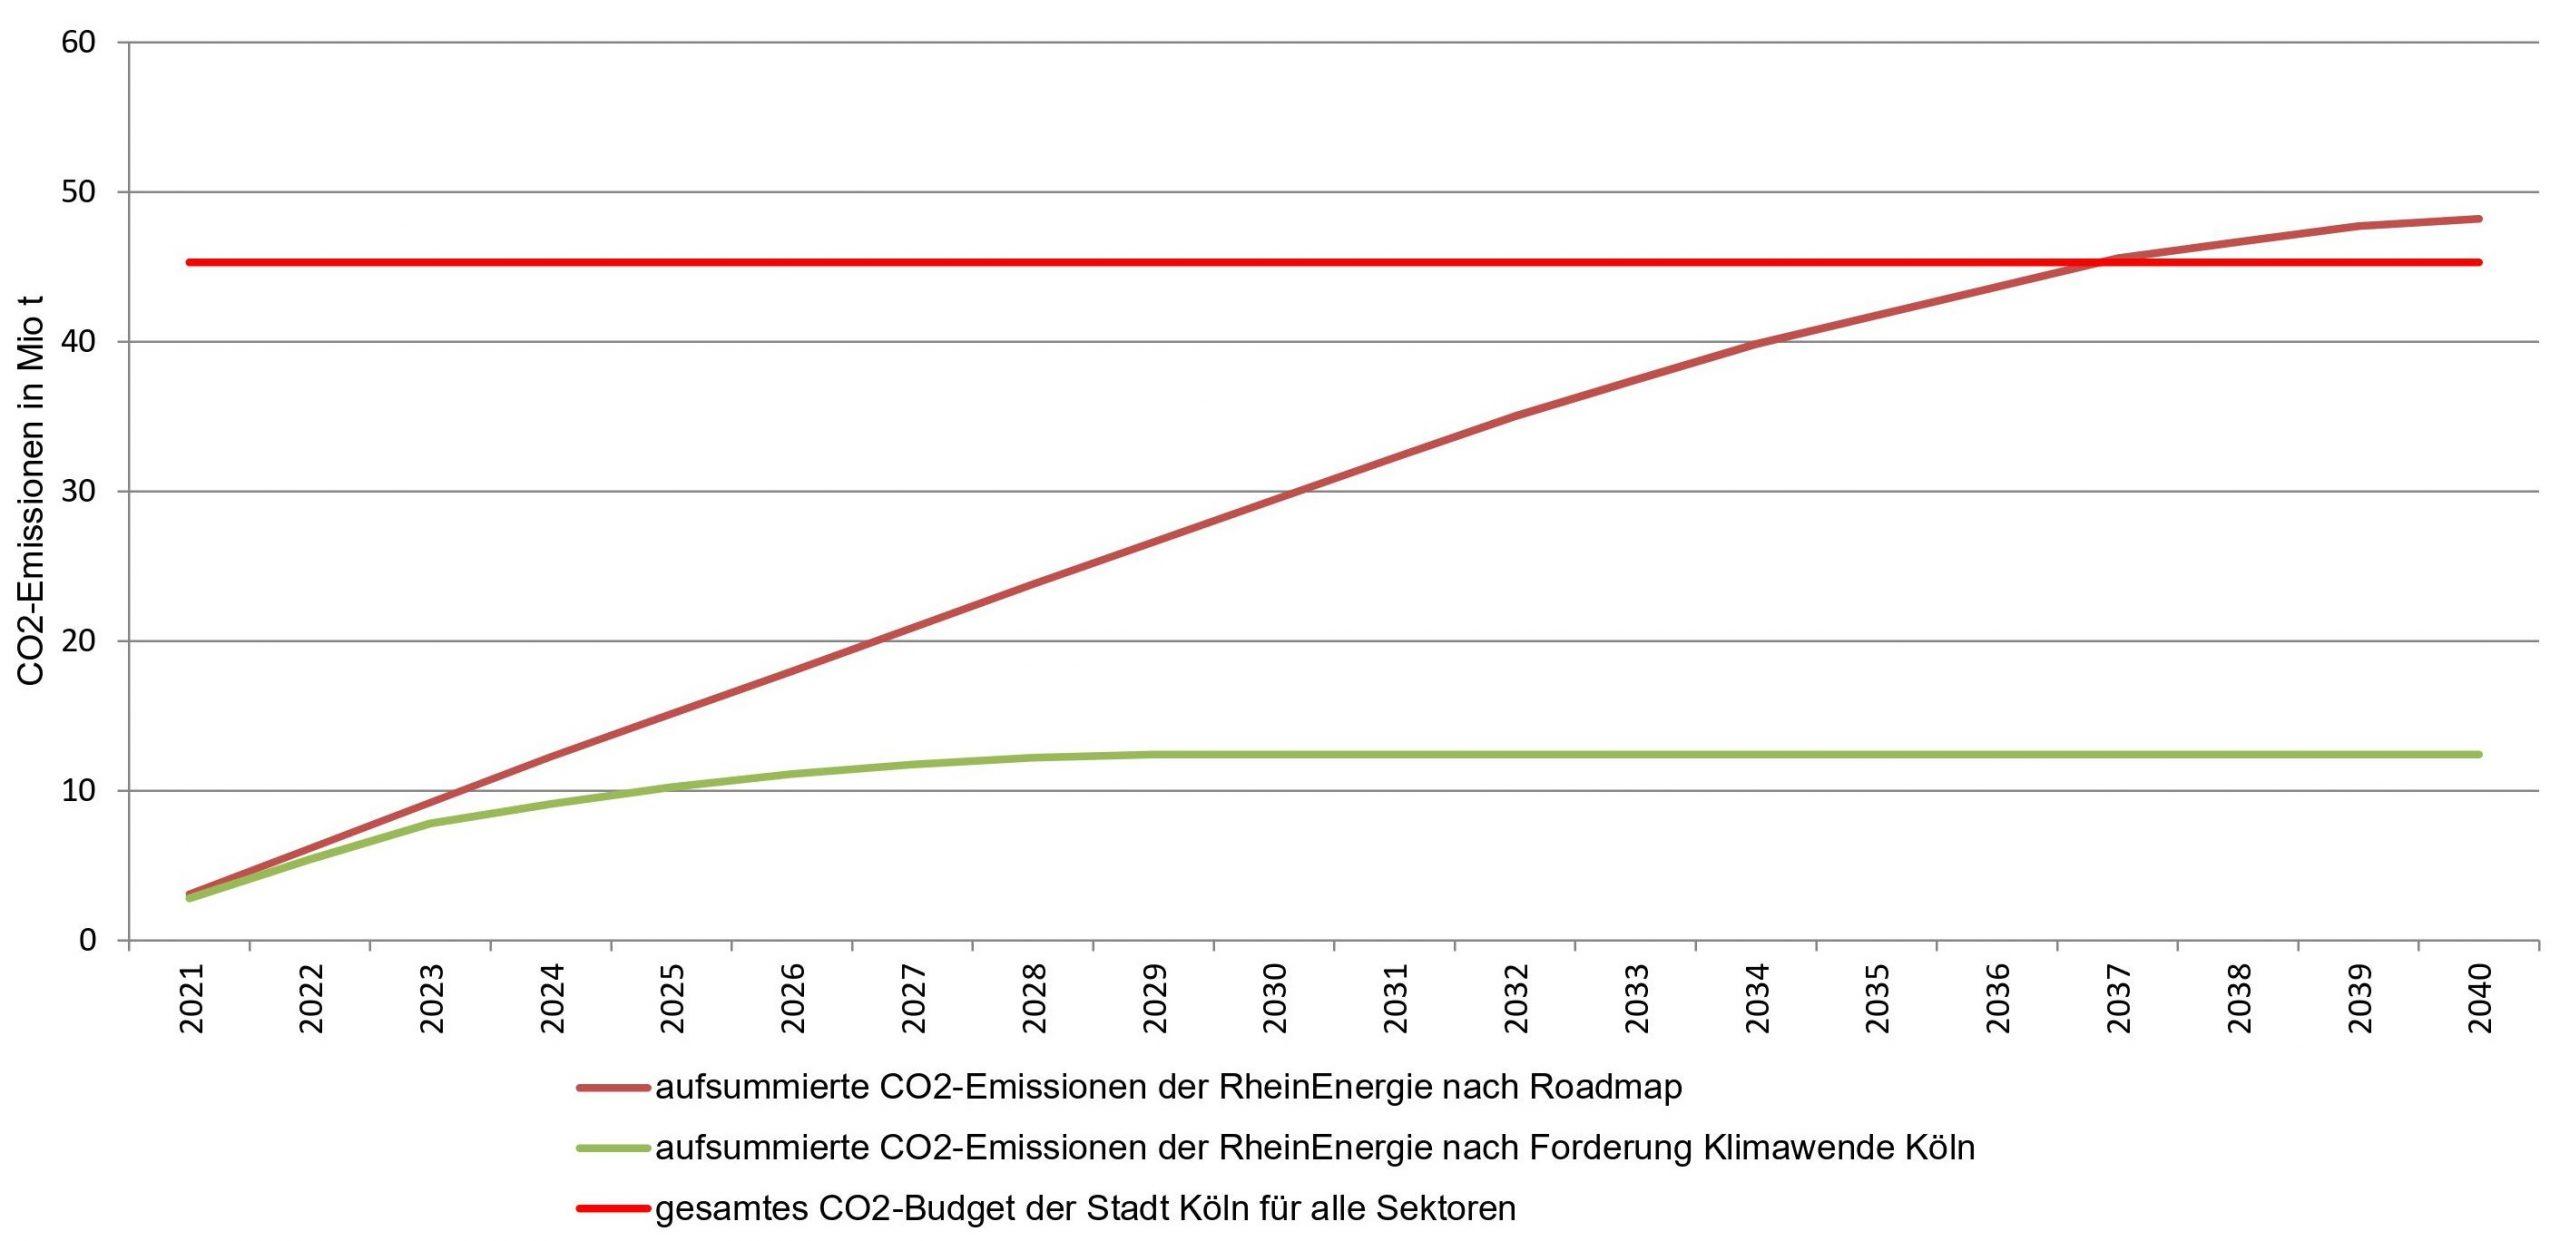 CO2-Emissionen der RheinEnergie, kummuliert